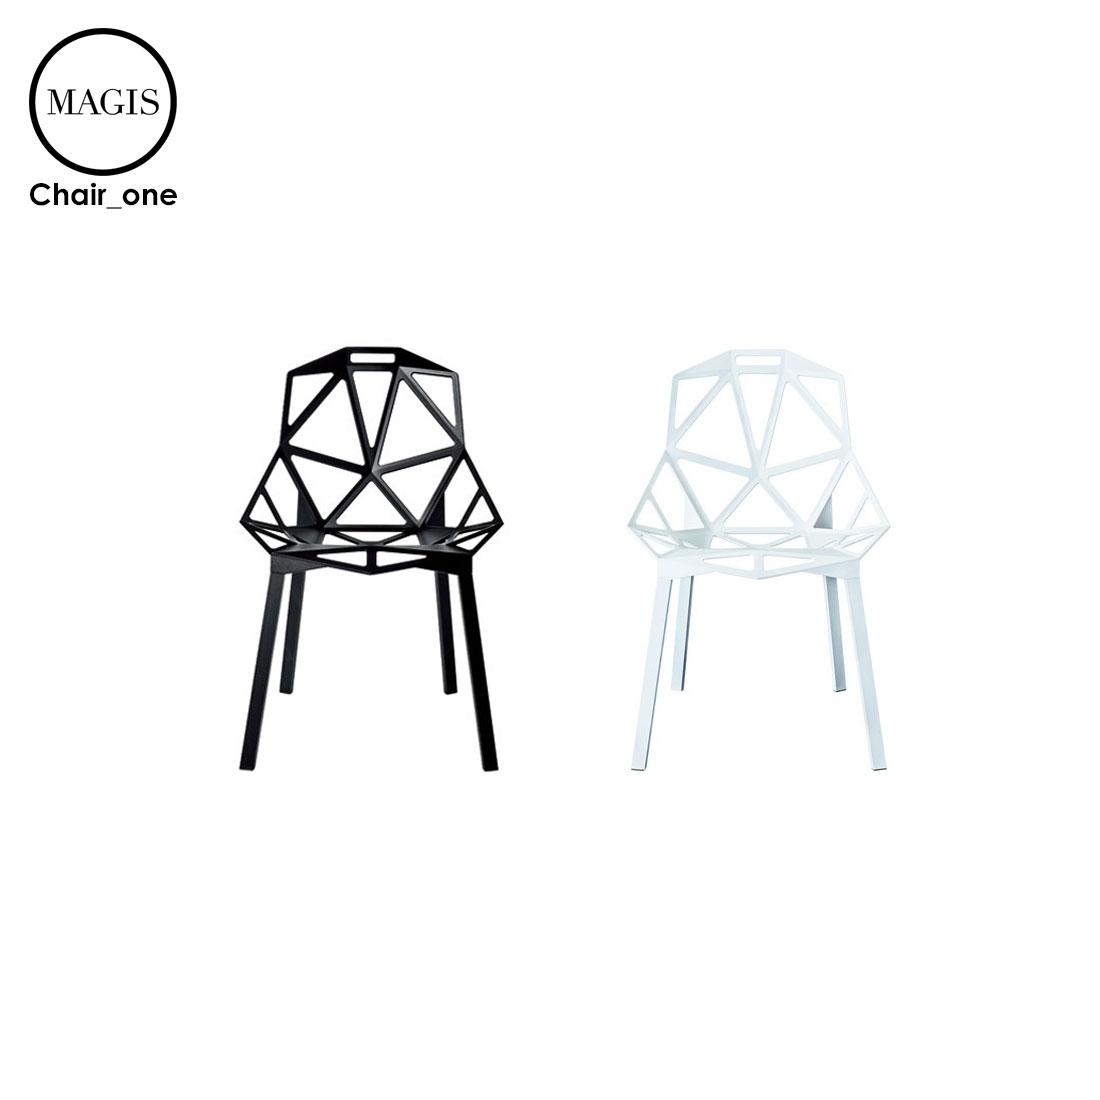 【MAGIS/マジス】Chair_one/チェアワンコンスタンチン・グルチッチ/Konstantin Grcic椅子/Chair●●